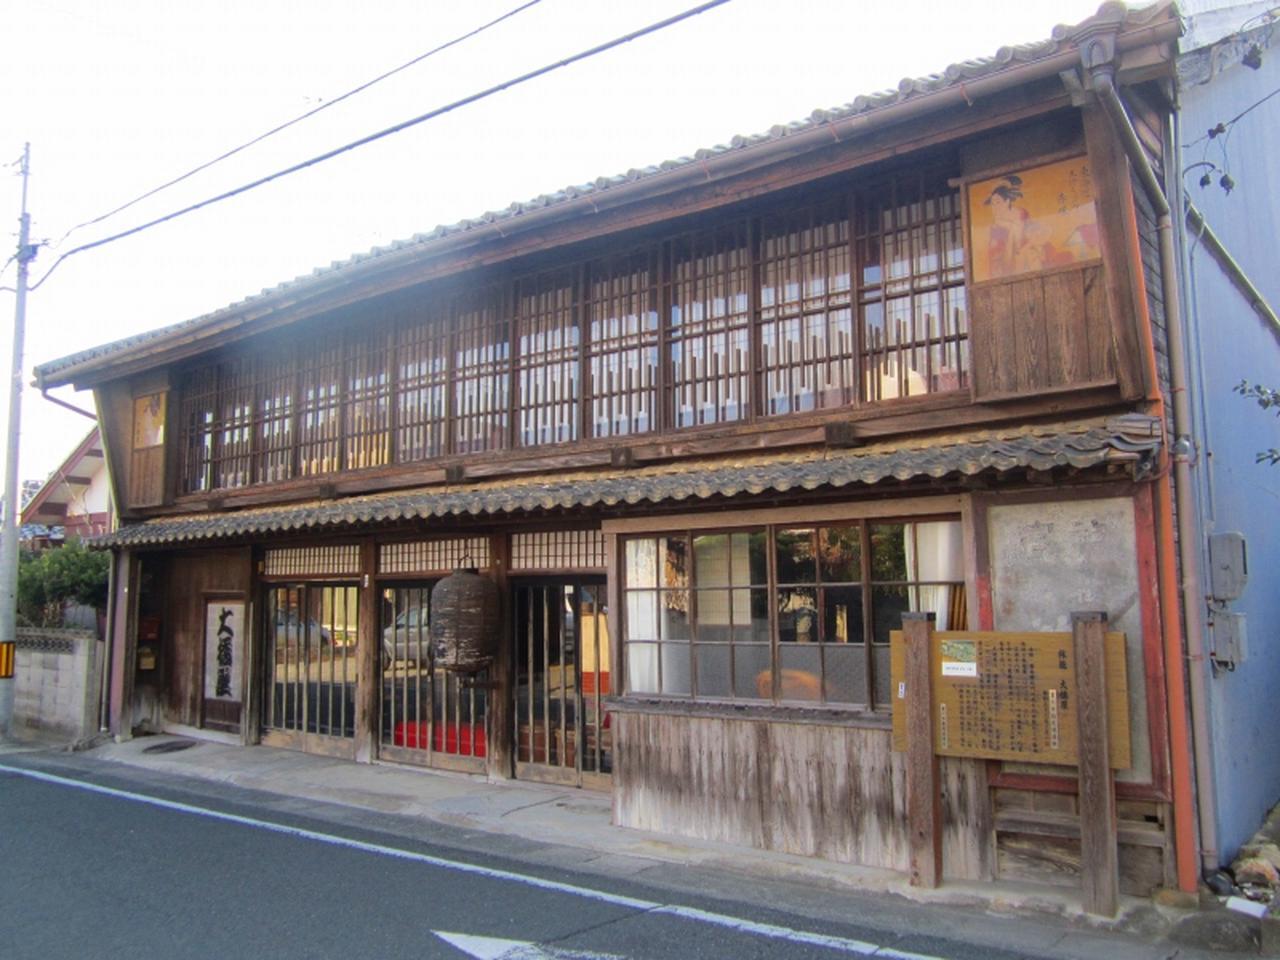 画像: 愛知県・豊川にある旅籠大黒屋(東海道)